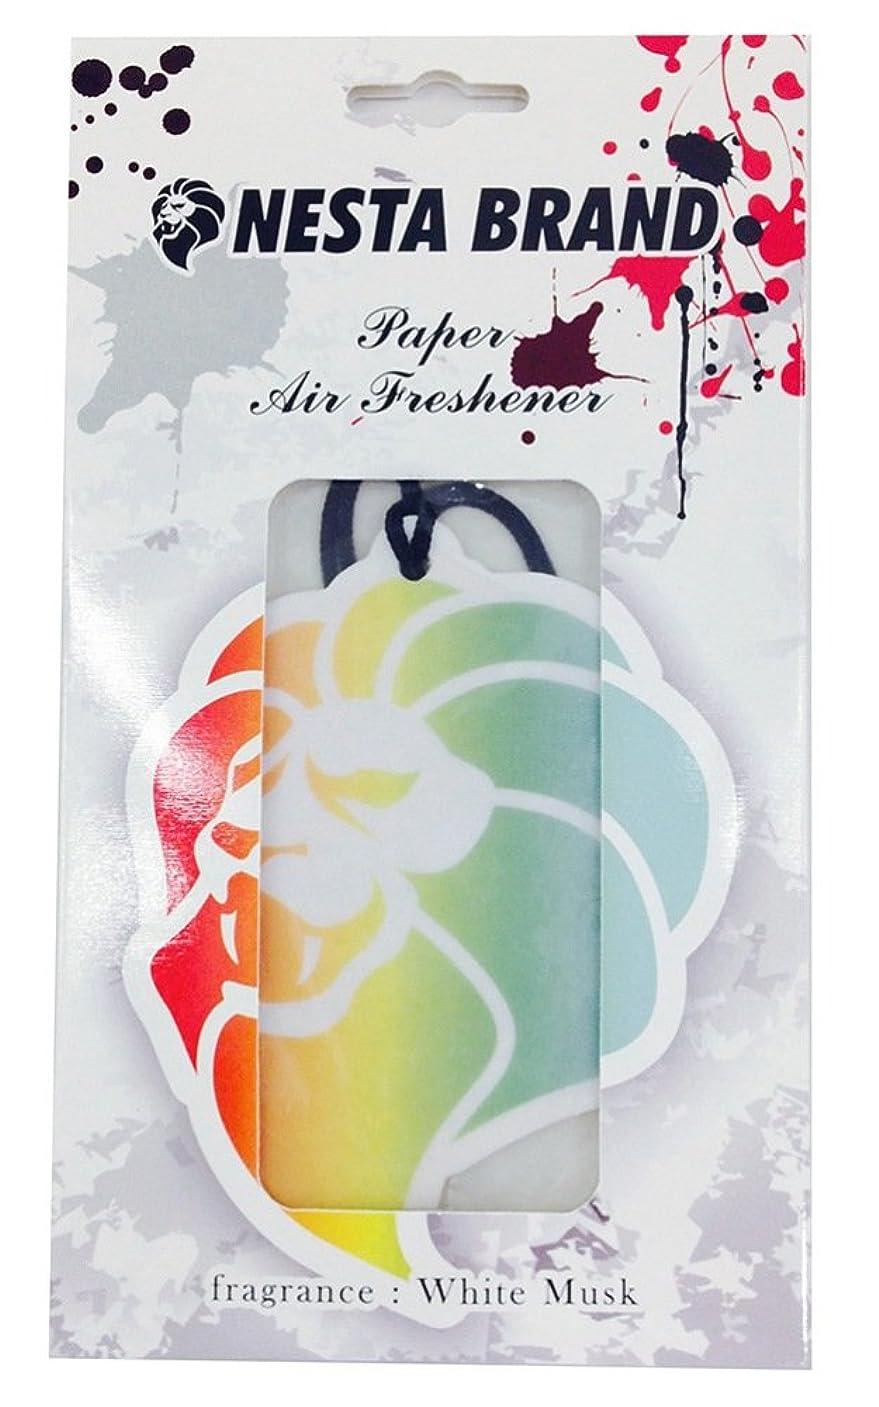 ブリッジ表向き慰めネスタブランド エアーフレッシュナー 吊り下げ ホワイトムスクの香り OA-NNA-11-2